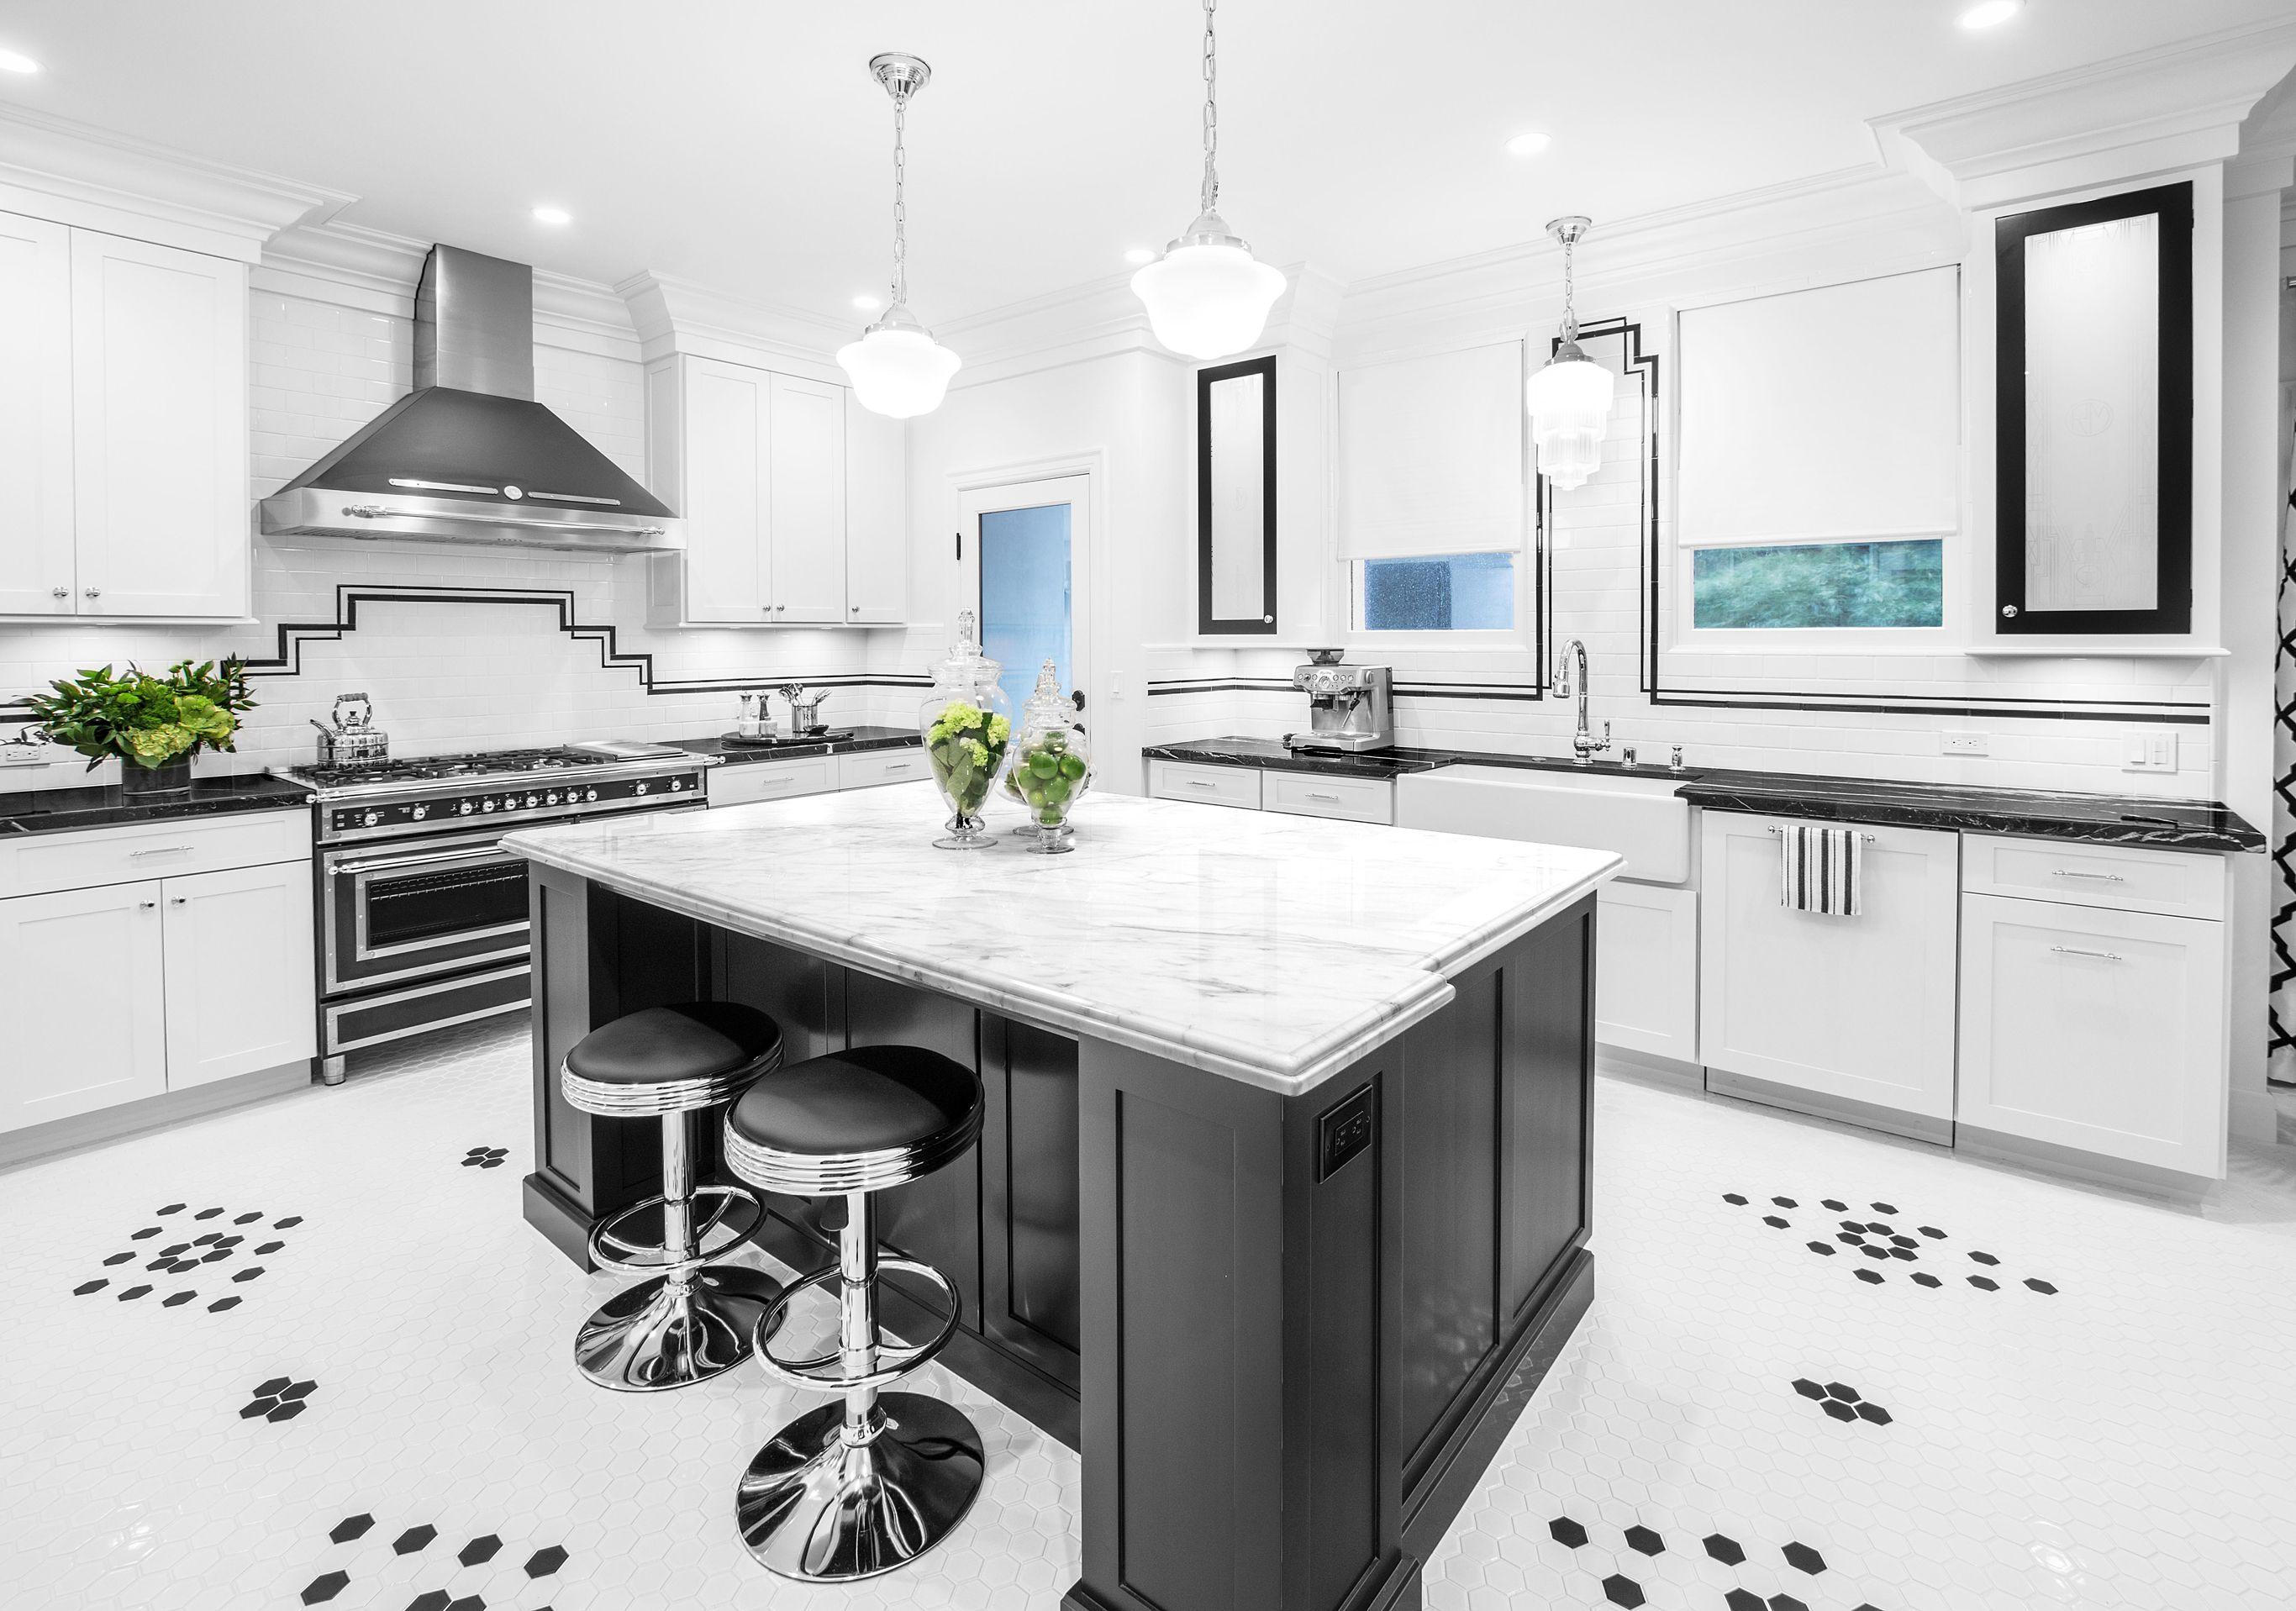 Art Deco Kitchen Cabinets Dewils Custom Cabinetry In 2020 Art Deco Kitchen Art Deco Kitchen Cabinet Kitchen Design Centre